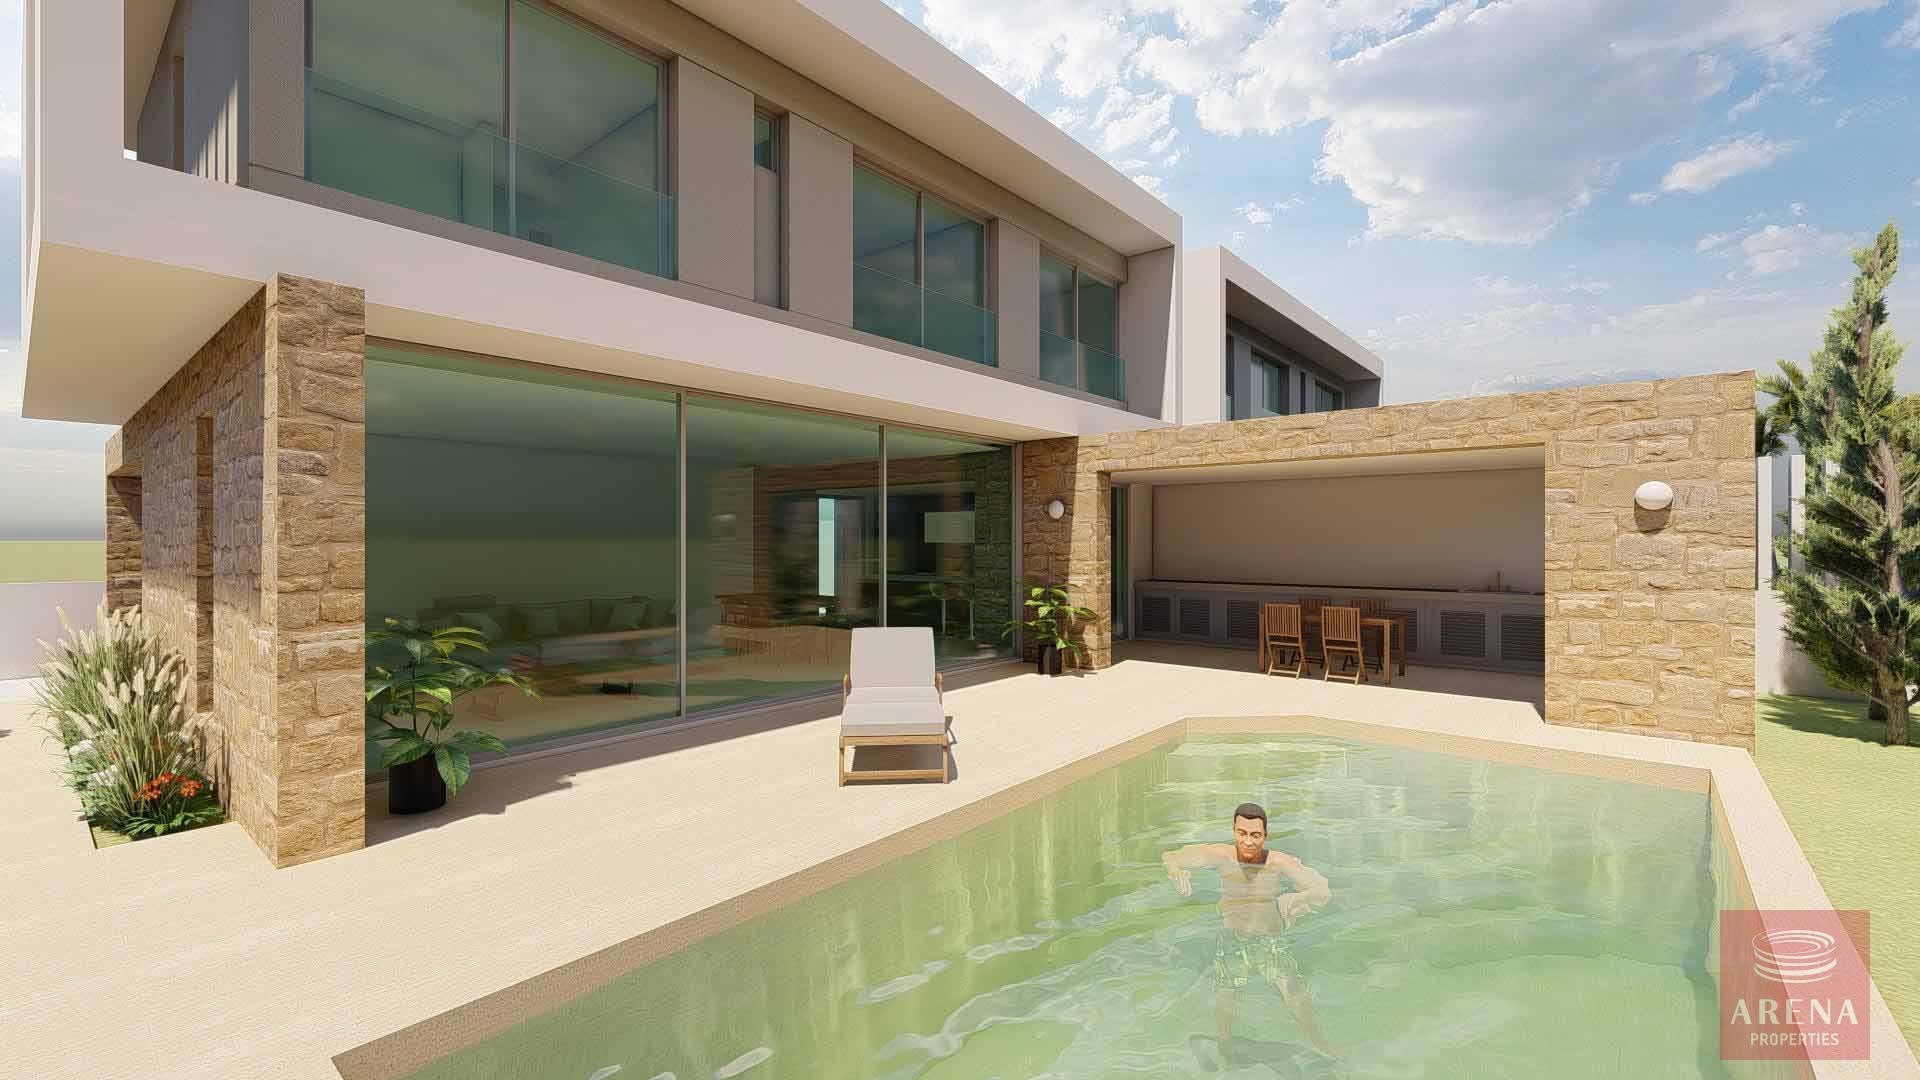 3 bed villa in oroklini to buy